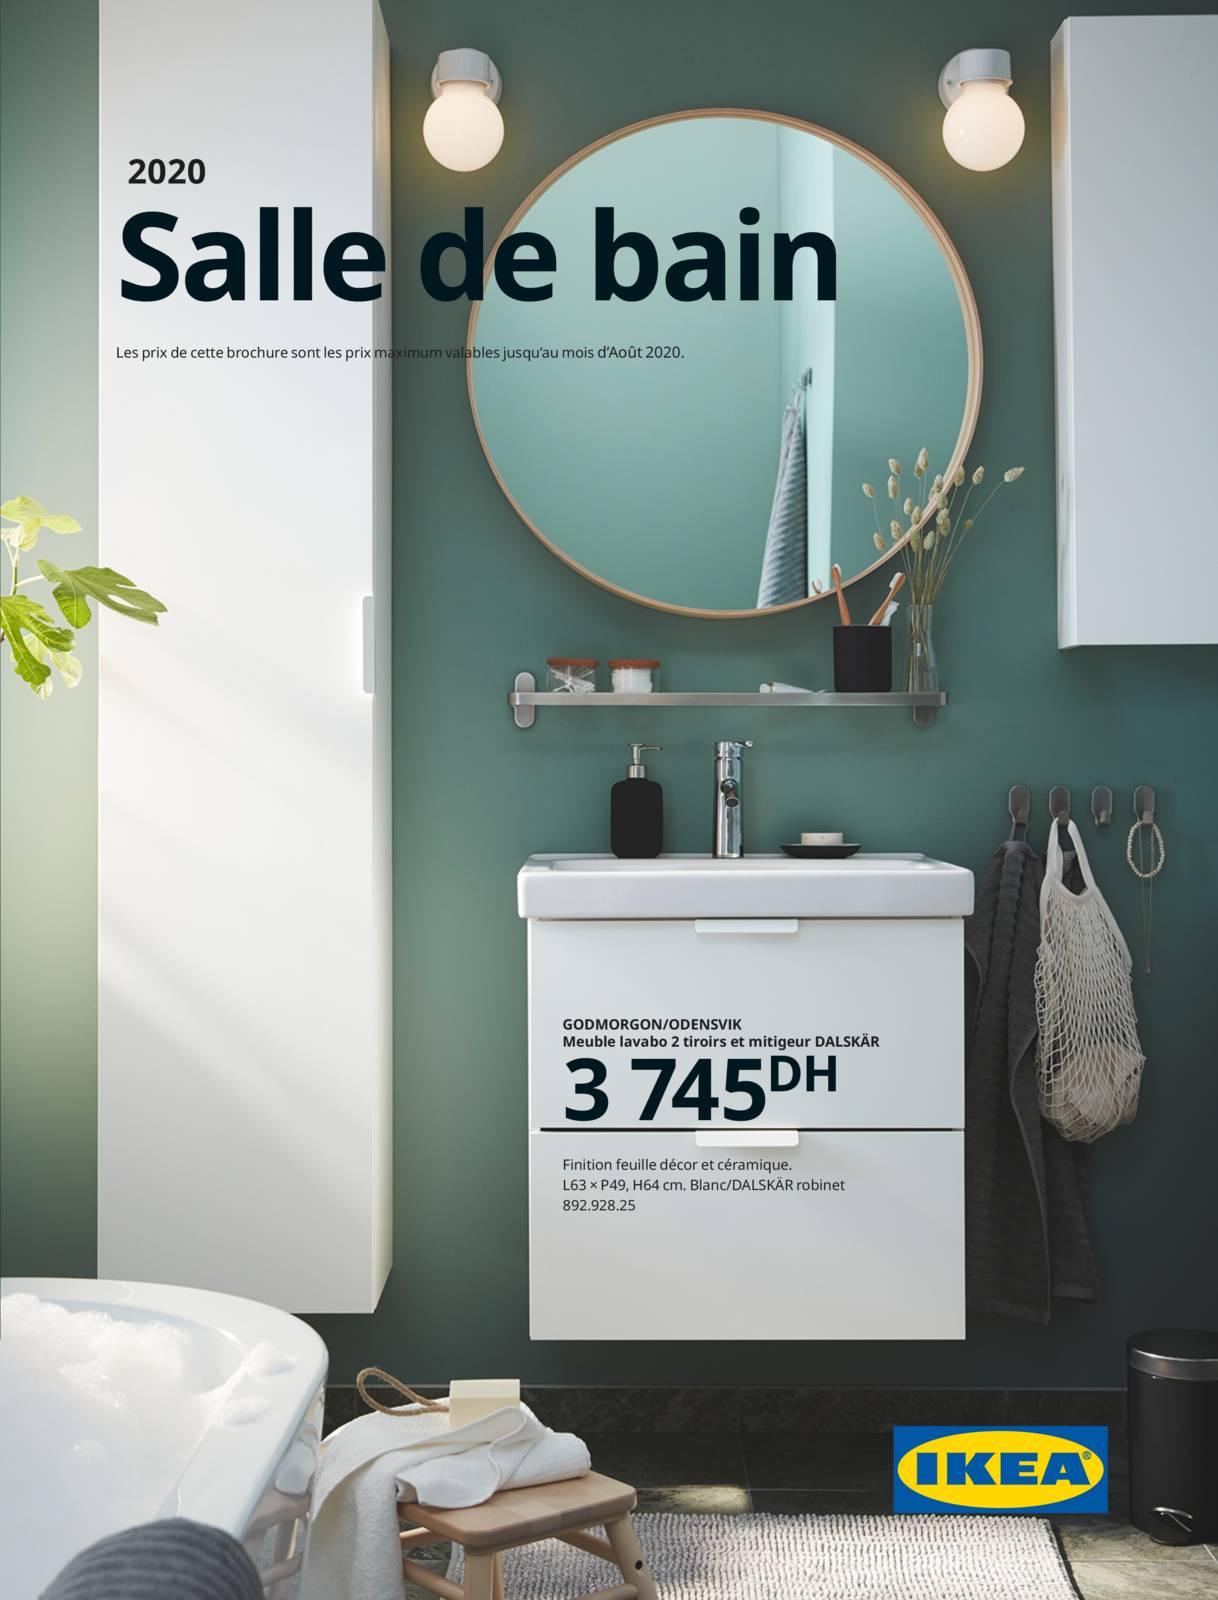 Ikea Maroc Catalogue 2020 Salle De Bain Promotion Au Maroc